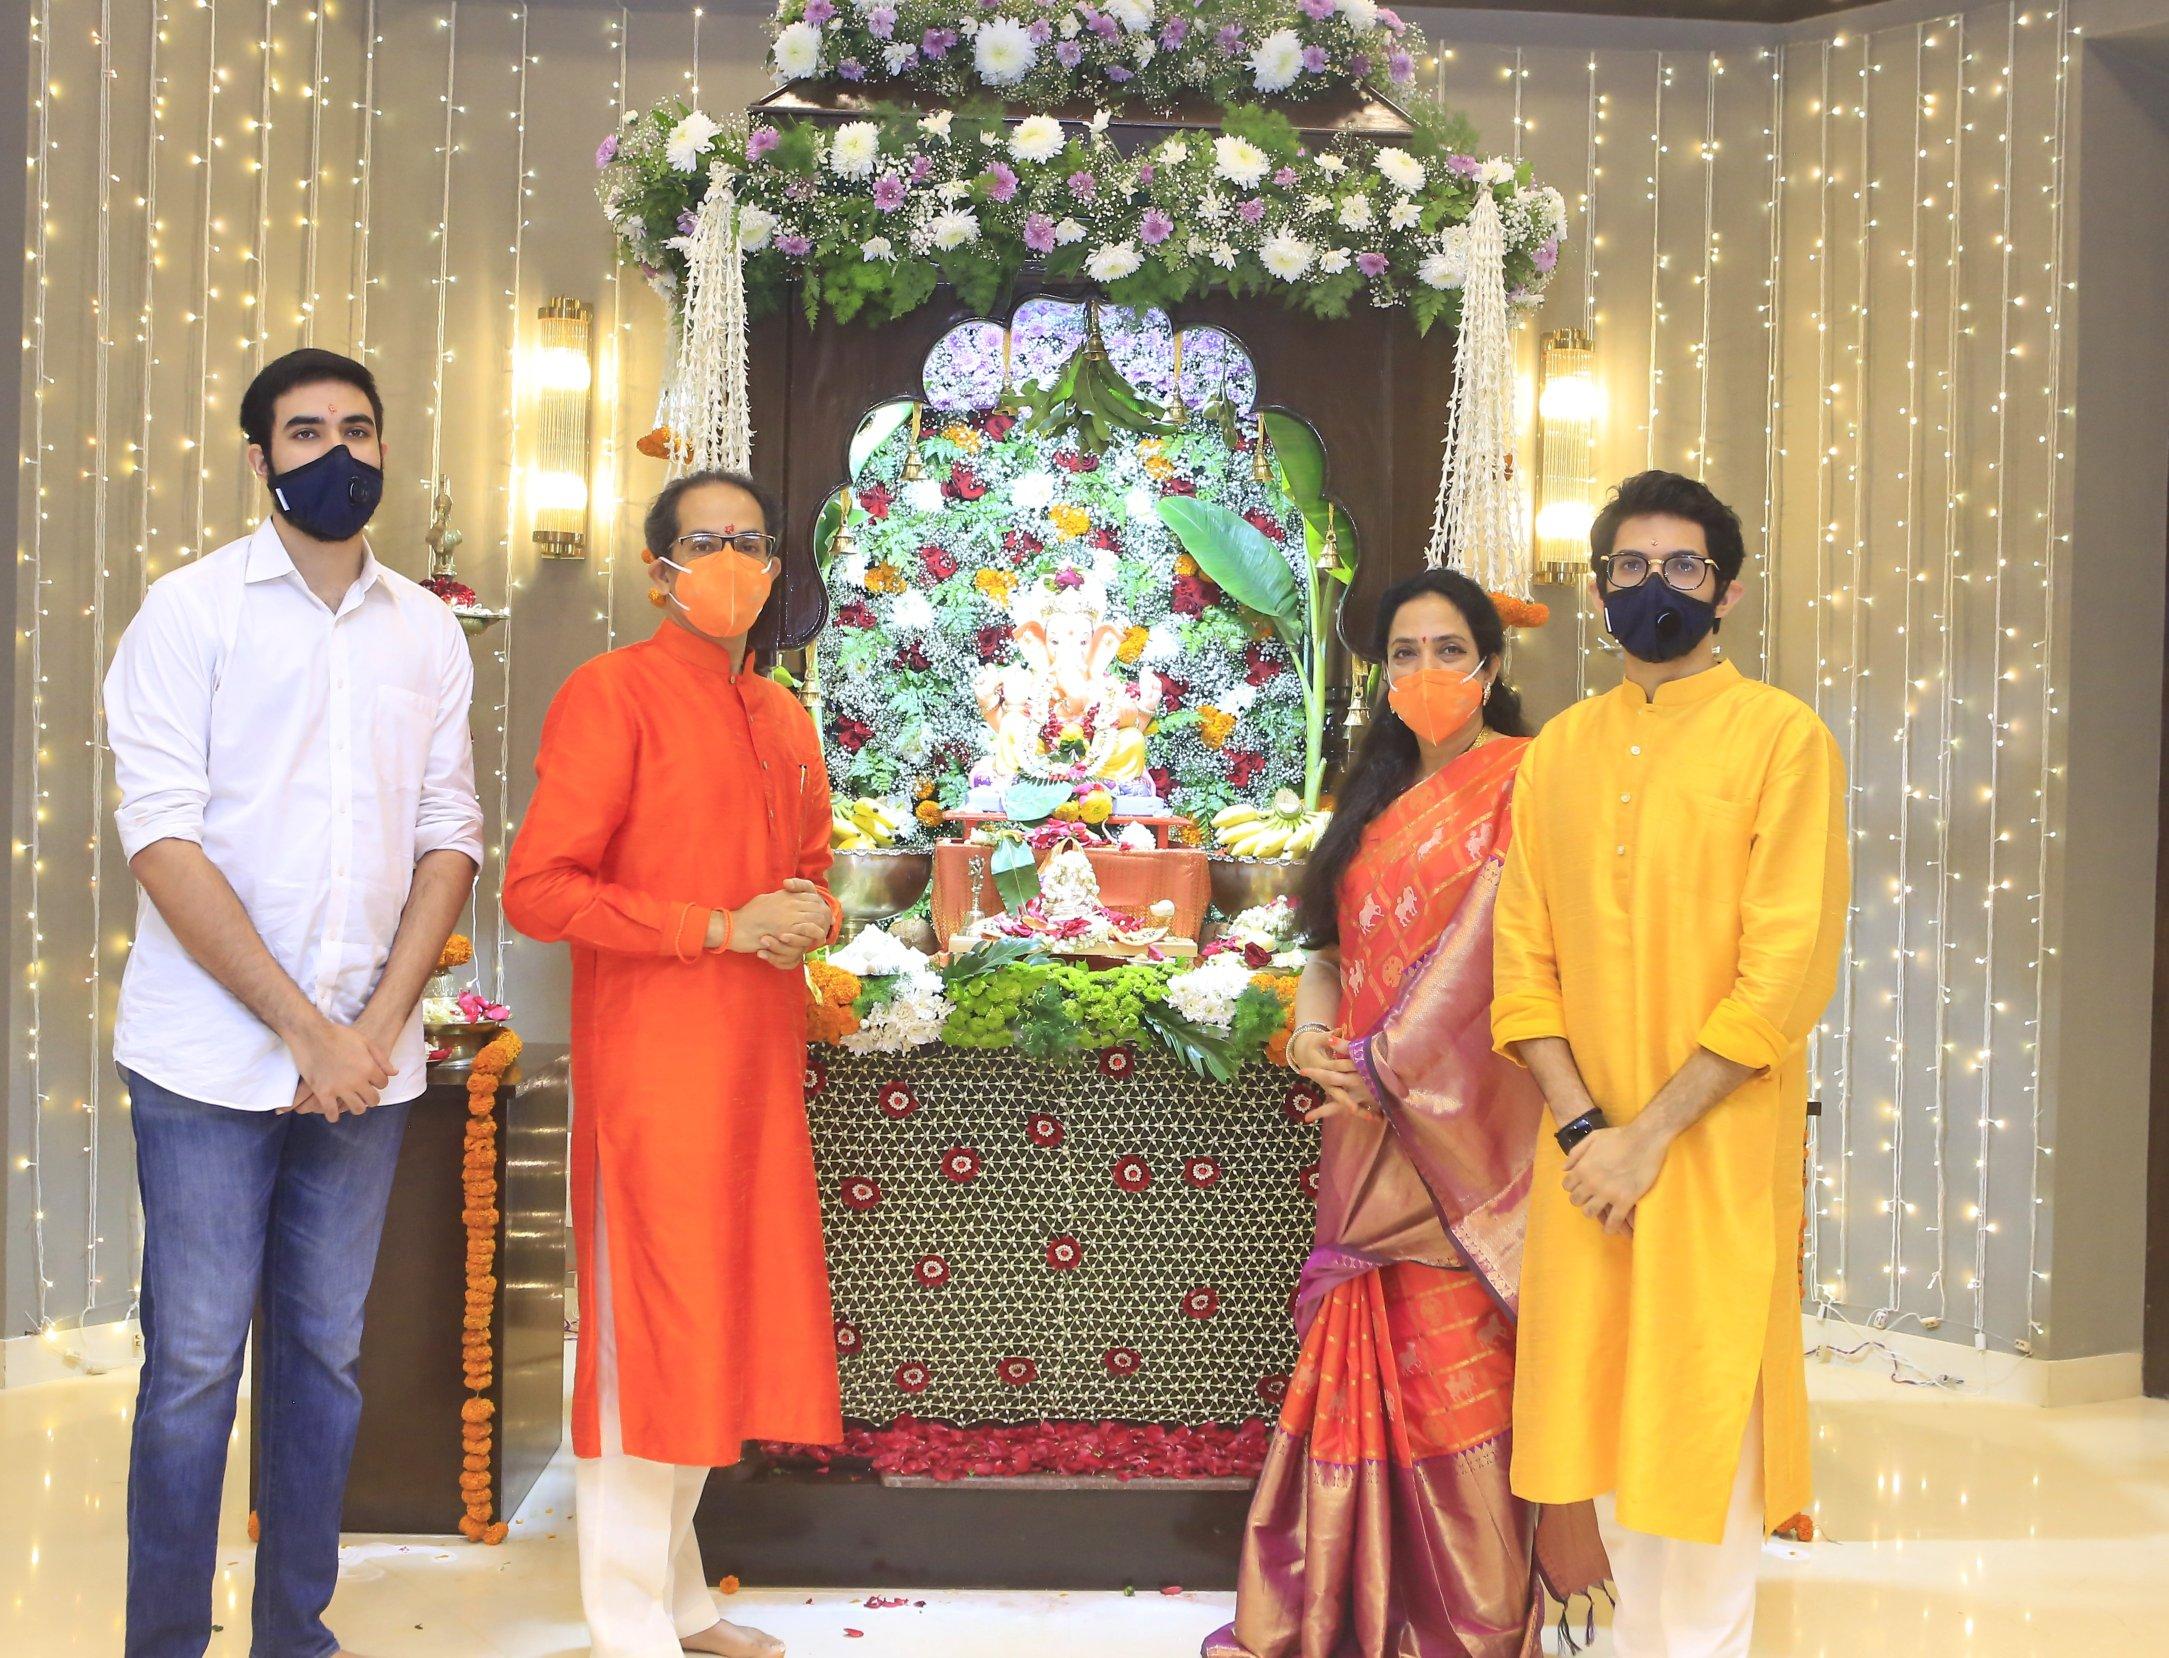 CM Uddhav Balasaheb Thackeray along with wife Rashmi Thackeray, Minister, Aditya Thackeray and Tejas Thackeray offered prayers to Lord Ganesha at official residence Varsha.